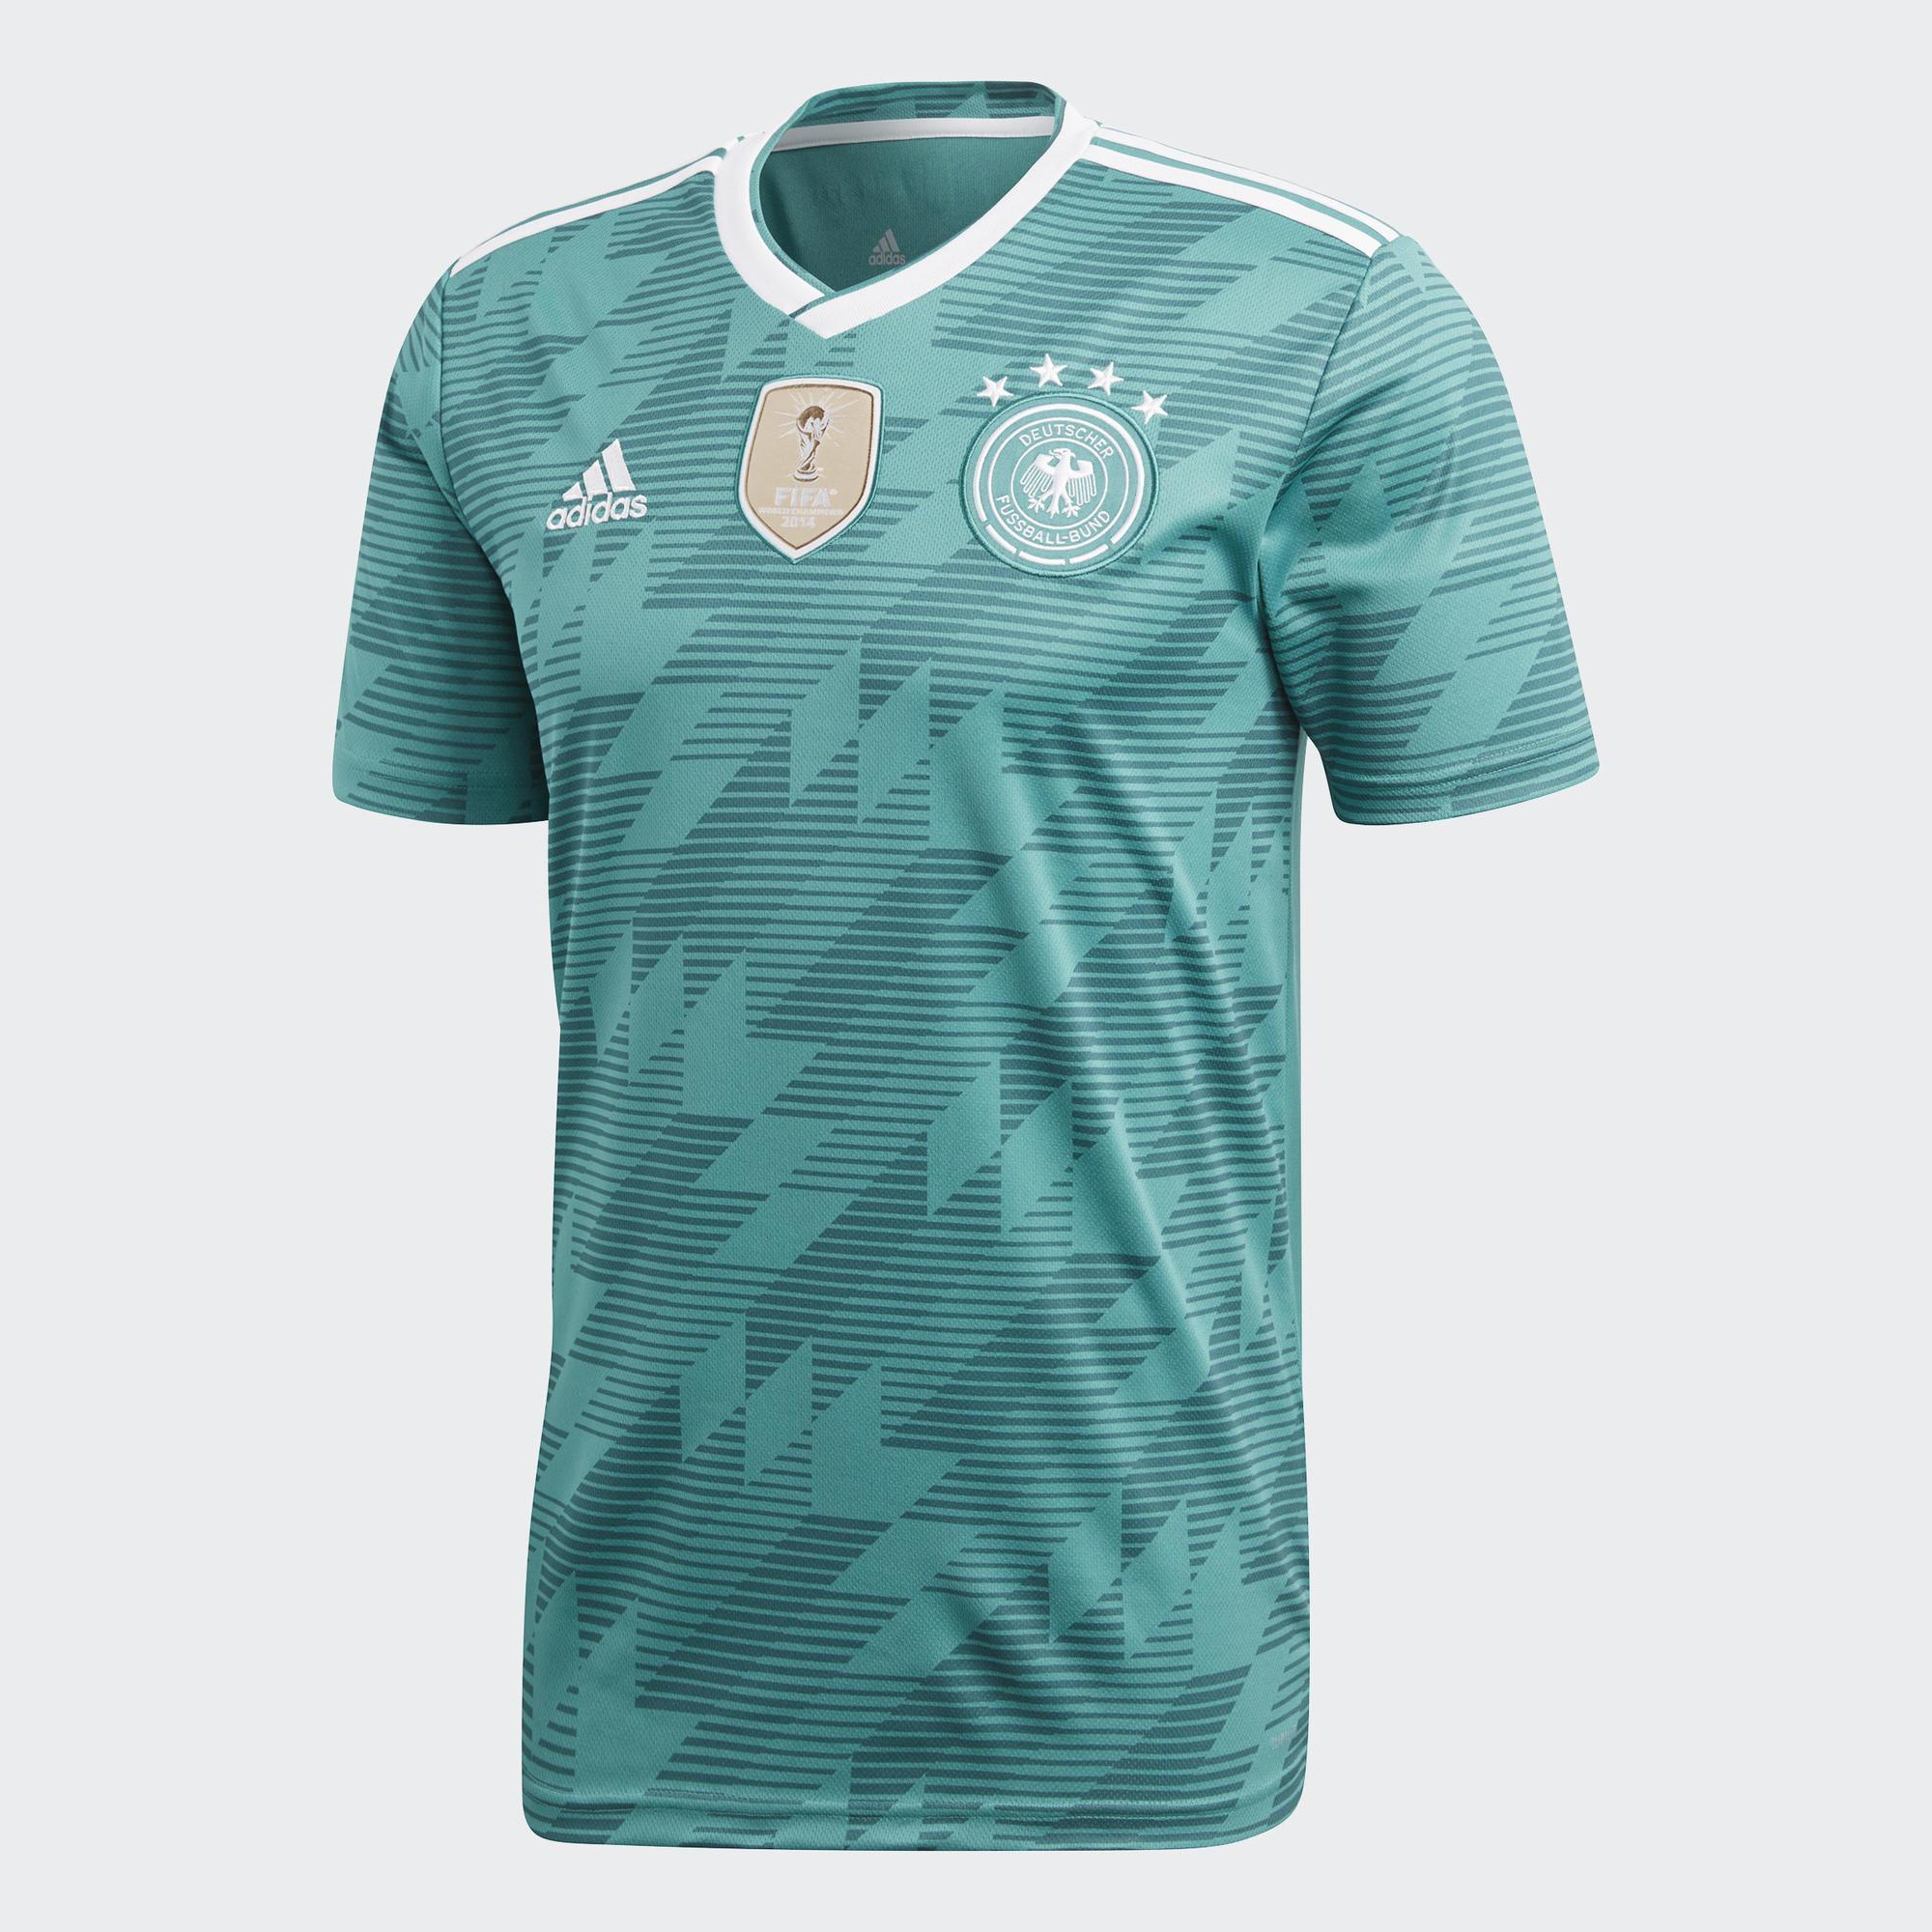 Camisetas Oficiales Selecciones y Equipos Fútbol  e43ef4c5d77e7